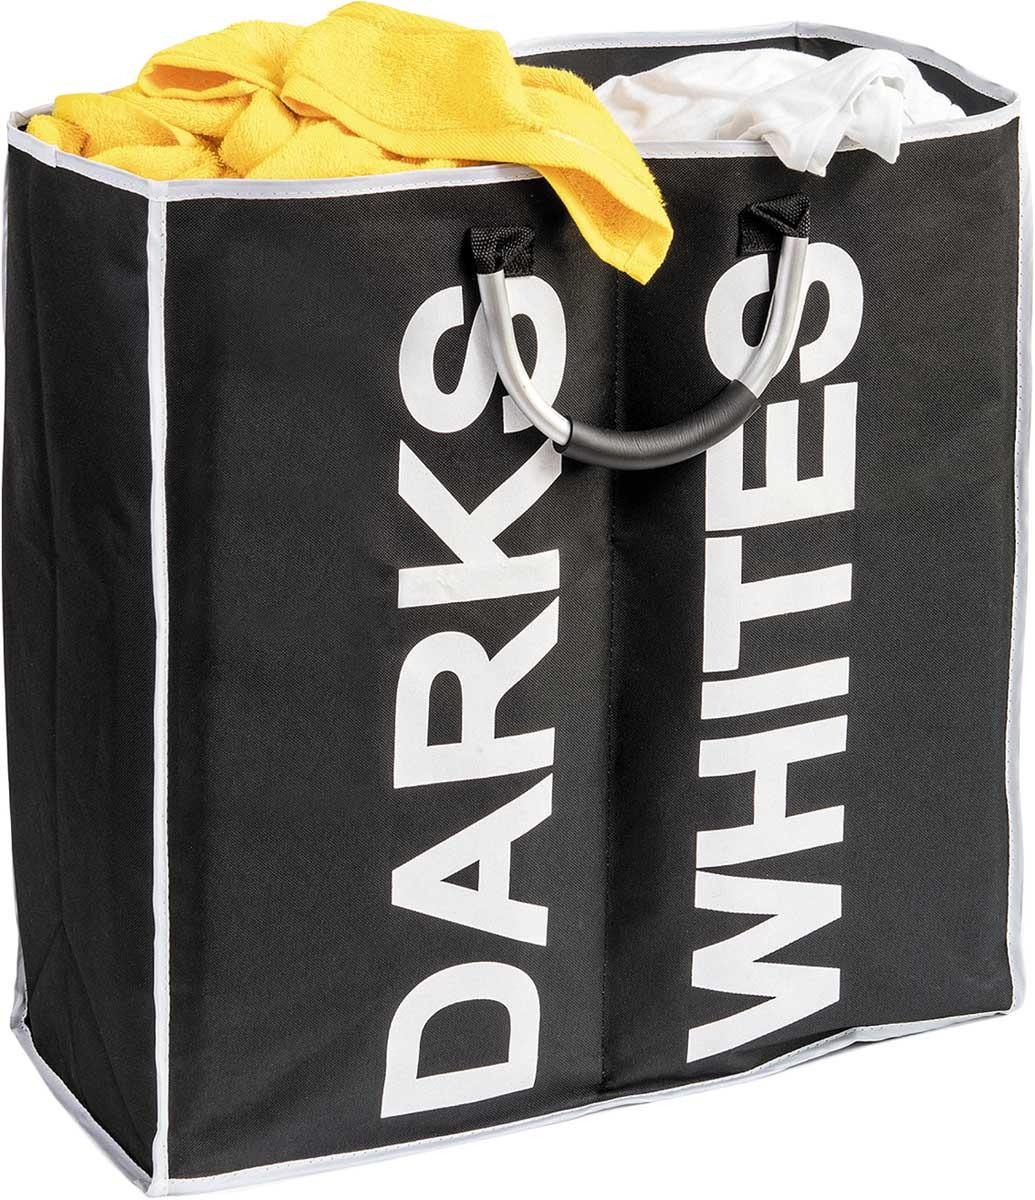 Tatkraft Space корзина для белья с разделителем. 62 L, 53,5 x 52,5 x 22 см, удобные прочные ручки, большой размер. Идеально подходит для домов, где пространство ограниченно, компактный в сложенном виде. Помогает предварительно отсортировать белье на темное и белое. Материал: Полиэстер